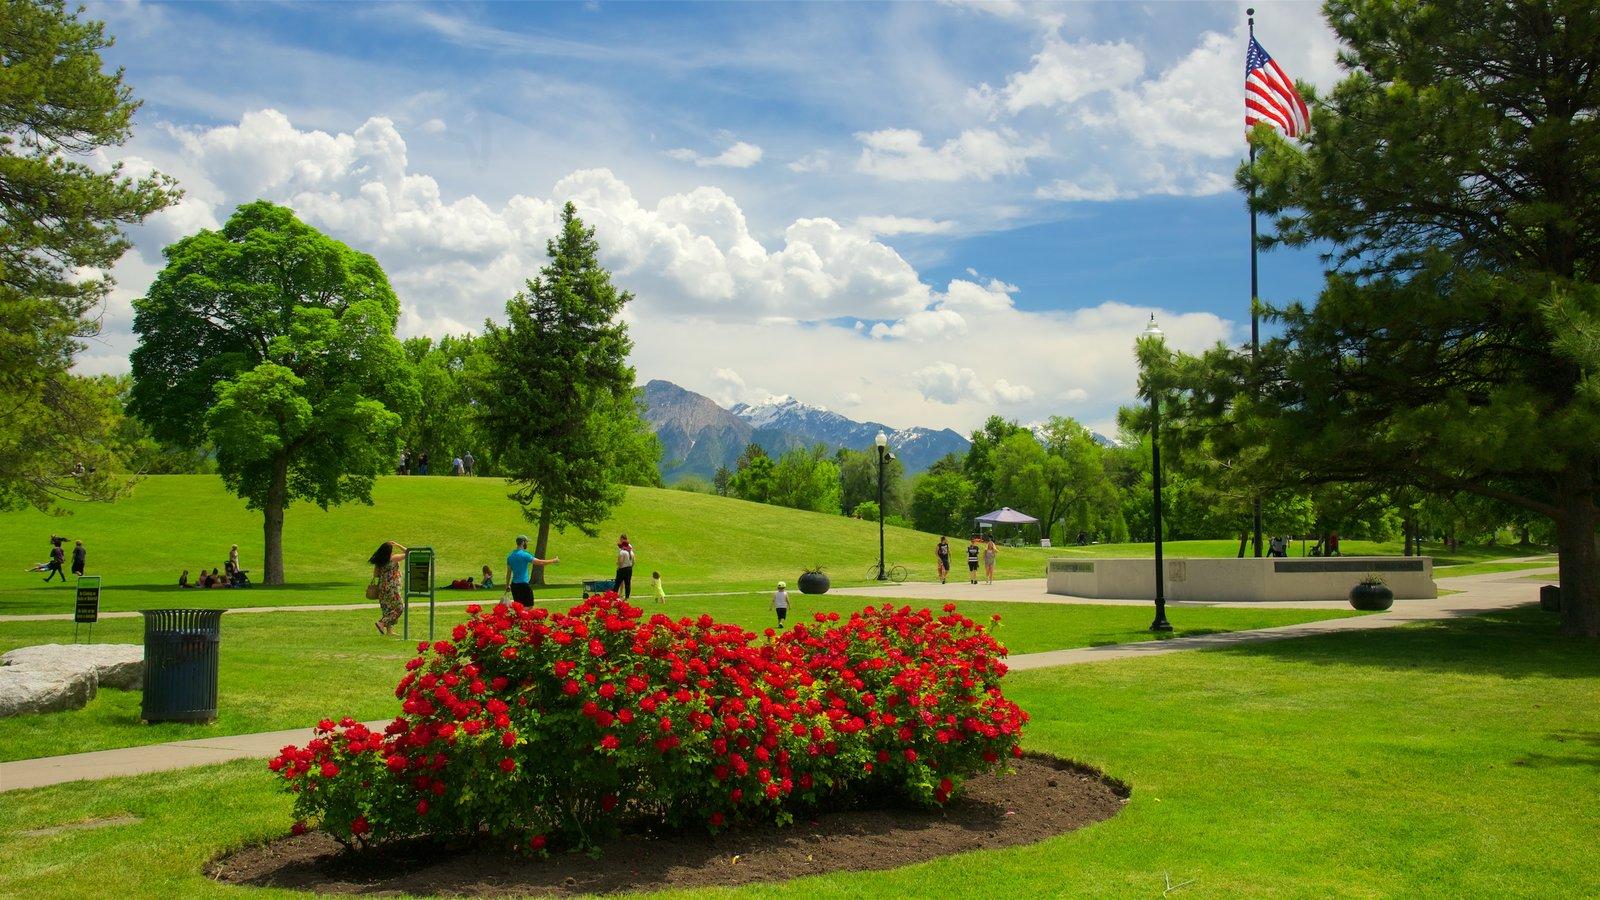 Parque Liberty mostrando flores y un jardín